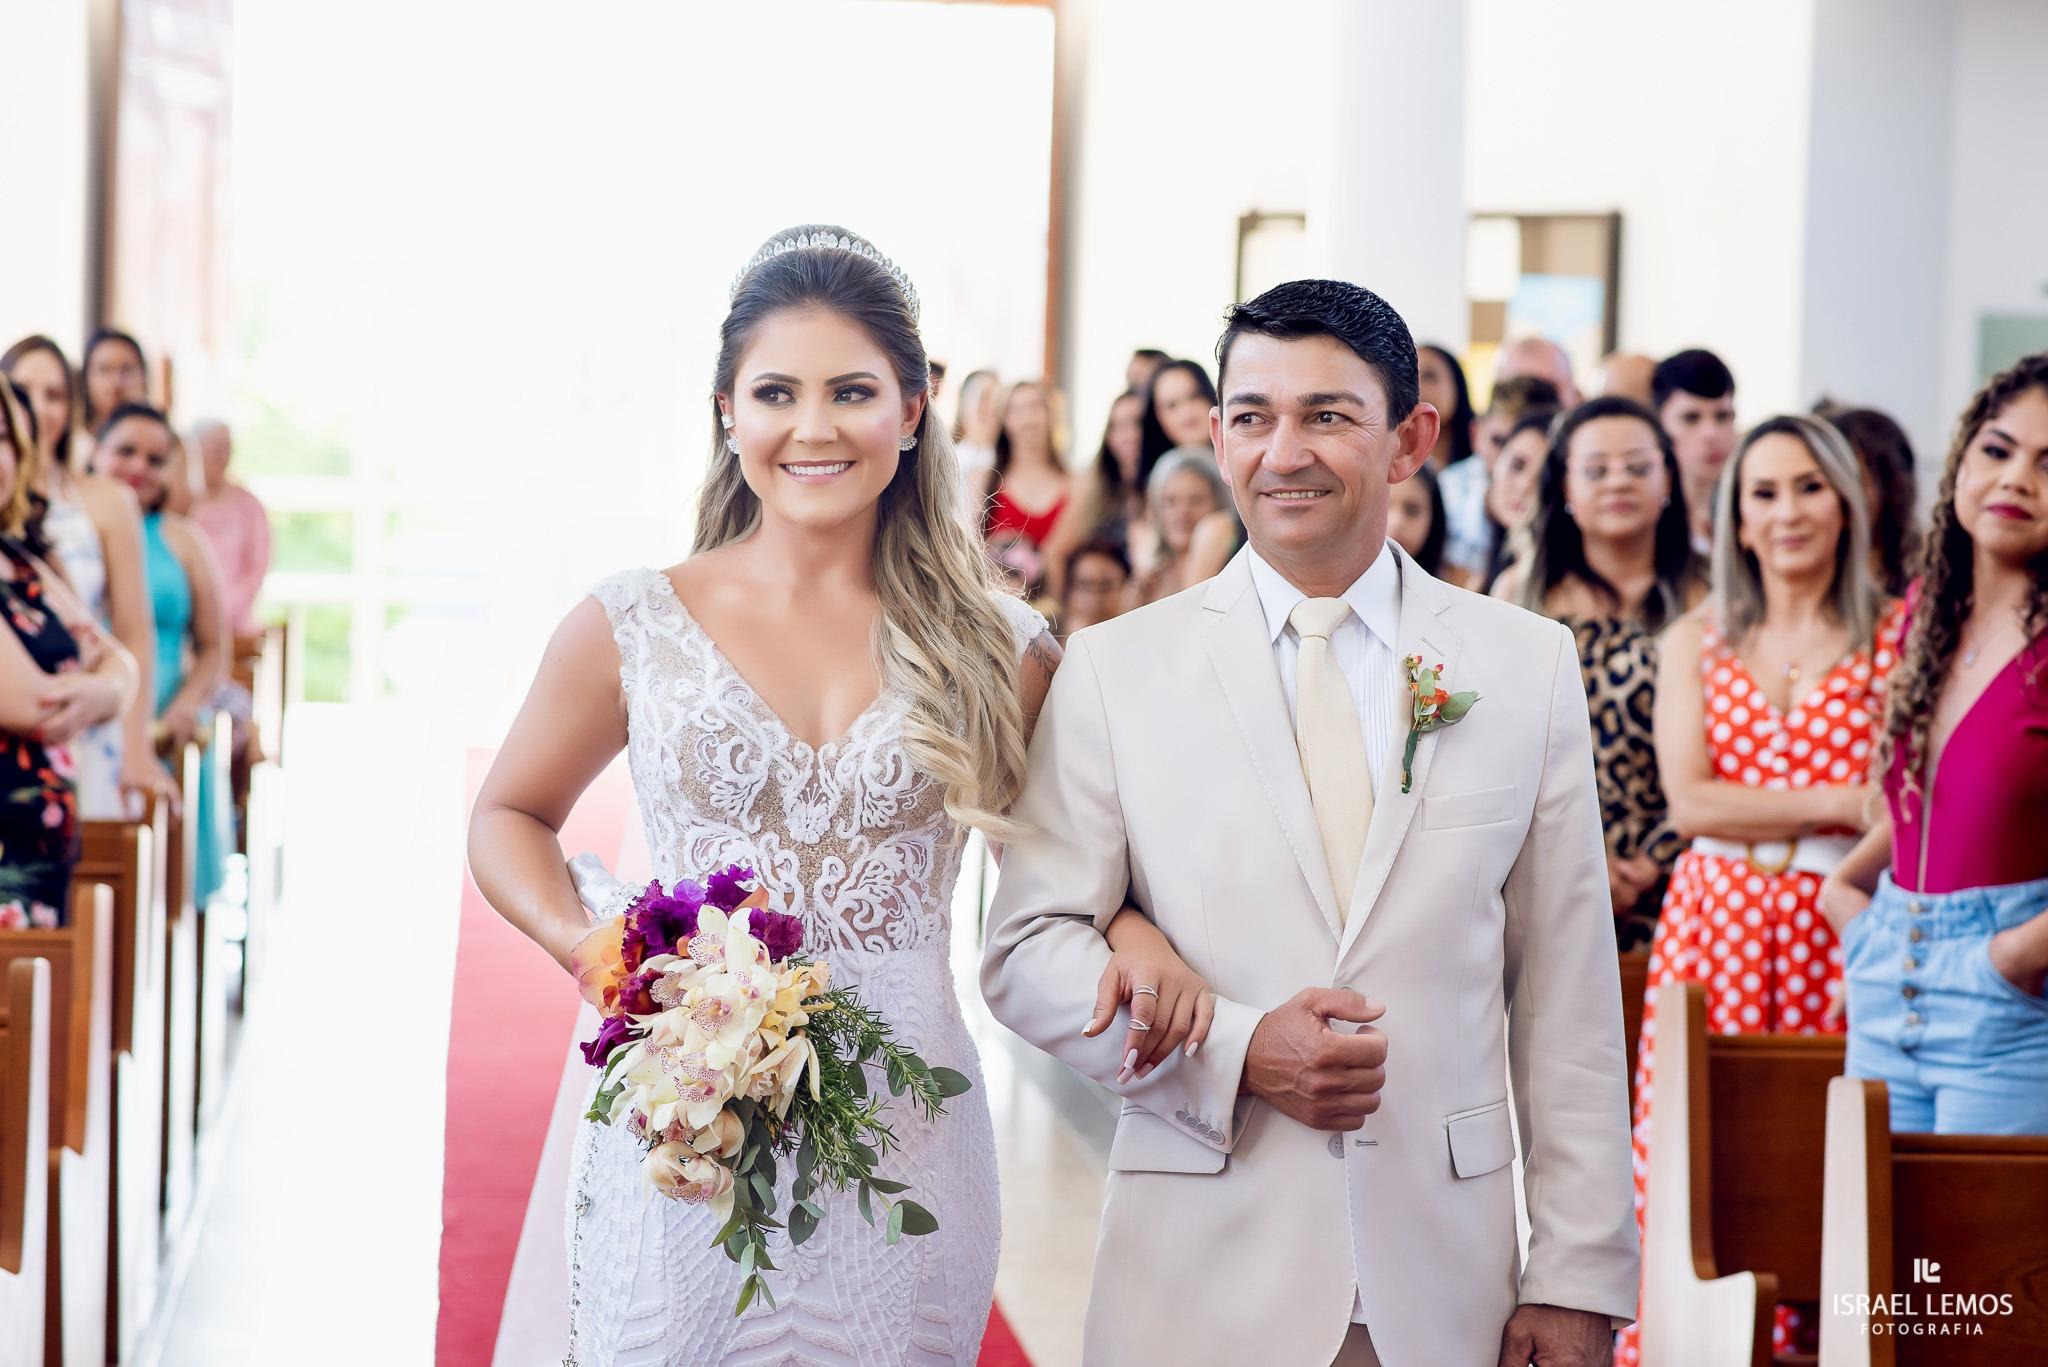 Casameno em Pará de Minas Fran e Junior - Zephora Linha Premium - Foto Israel Lemos